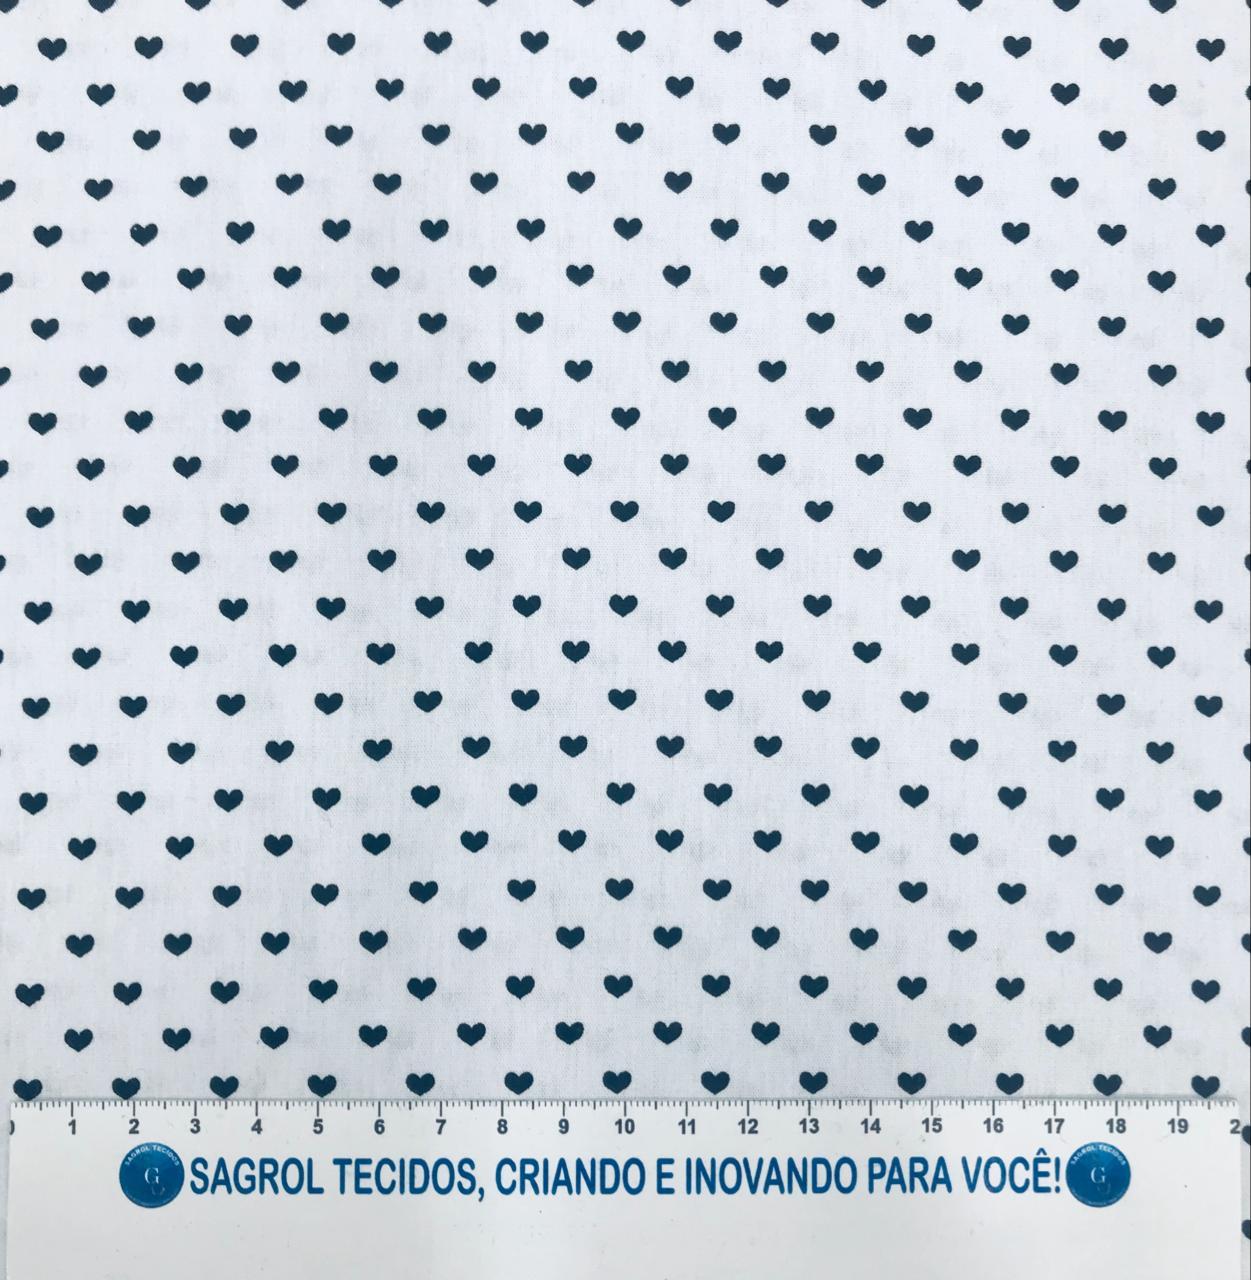 TECIDO TRICOLINE ESTAMPA CORAÇÕES PRETO FUNDO BRANCO 100% ALGODÃO COOM 1,50 LG - REF. 595